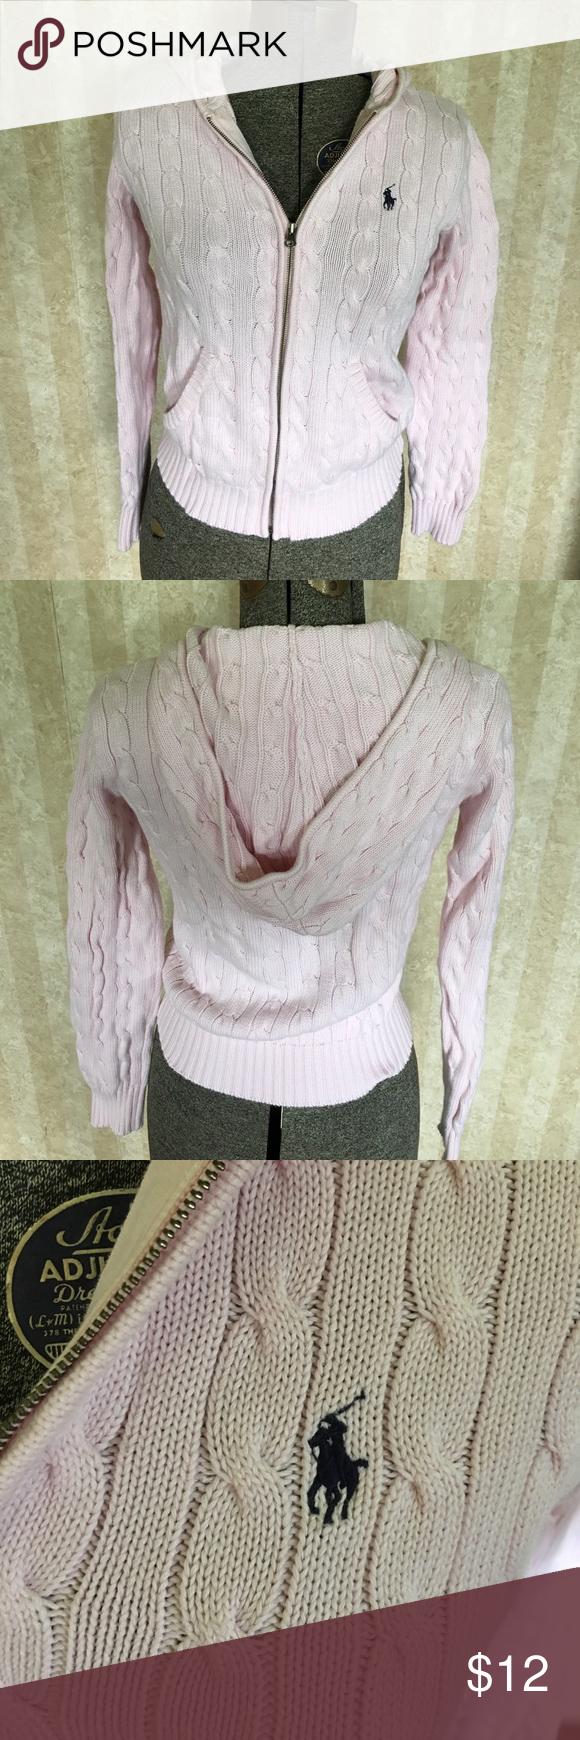 Ralph Lauren Sport zip front sweater Light pink Ralph Lauren Sport zip front hooded sweater. Ralph Lauren Sport Sweaters Cardigans